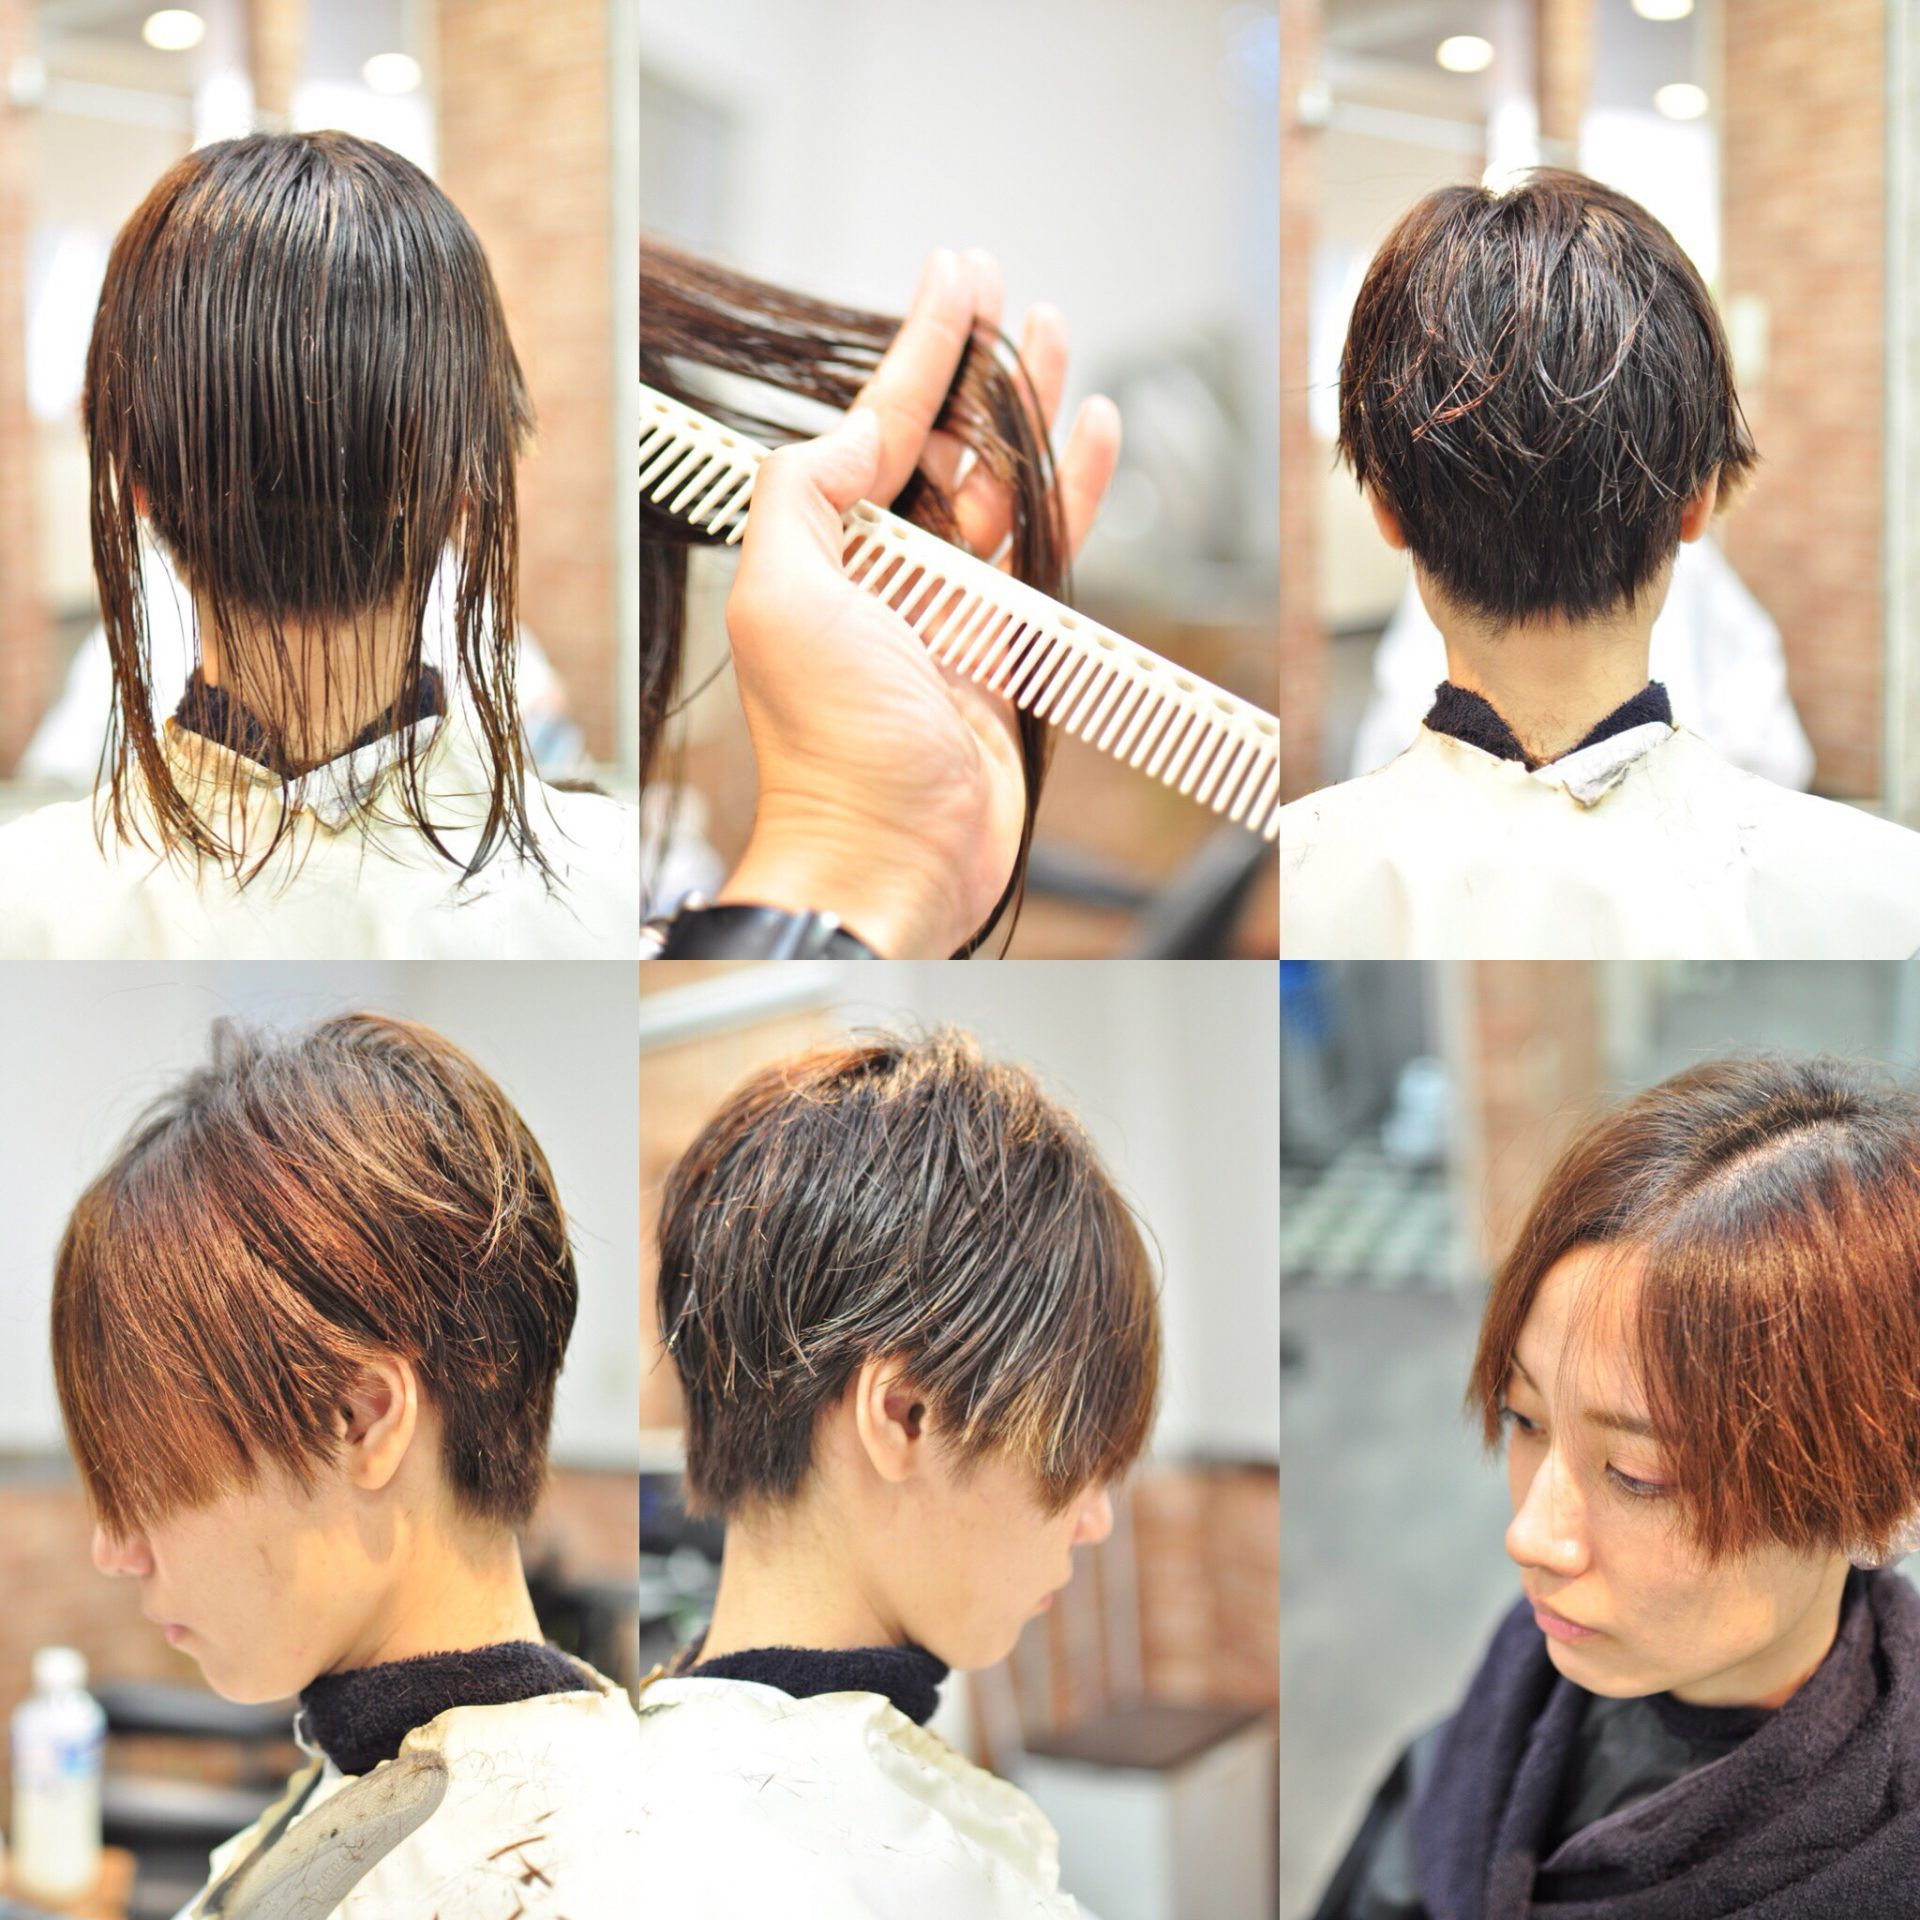 最新ショートヘア 比留川游の髪型インスタ見て切って見た パーフェクトオーダーマニュアル もう都内まで行かなくていい 千葉でおすすめな美容師 美容室 髪型 ハンサム